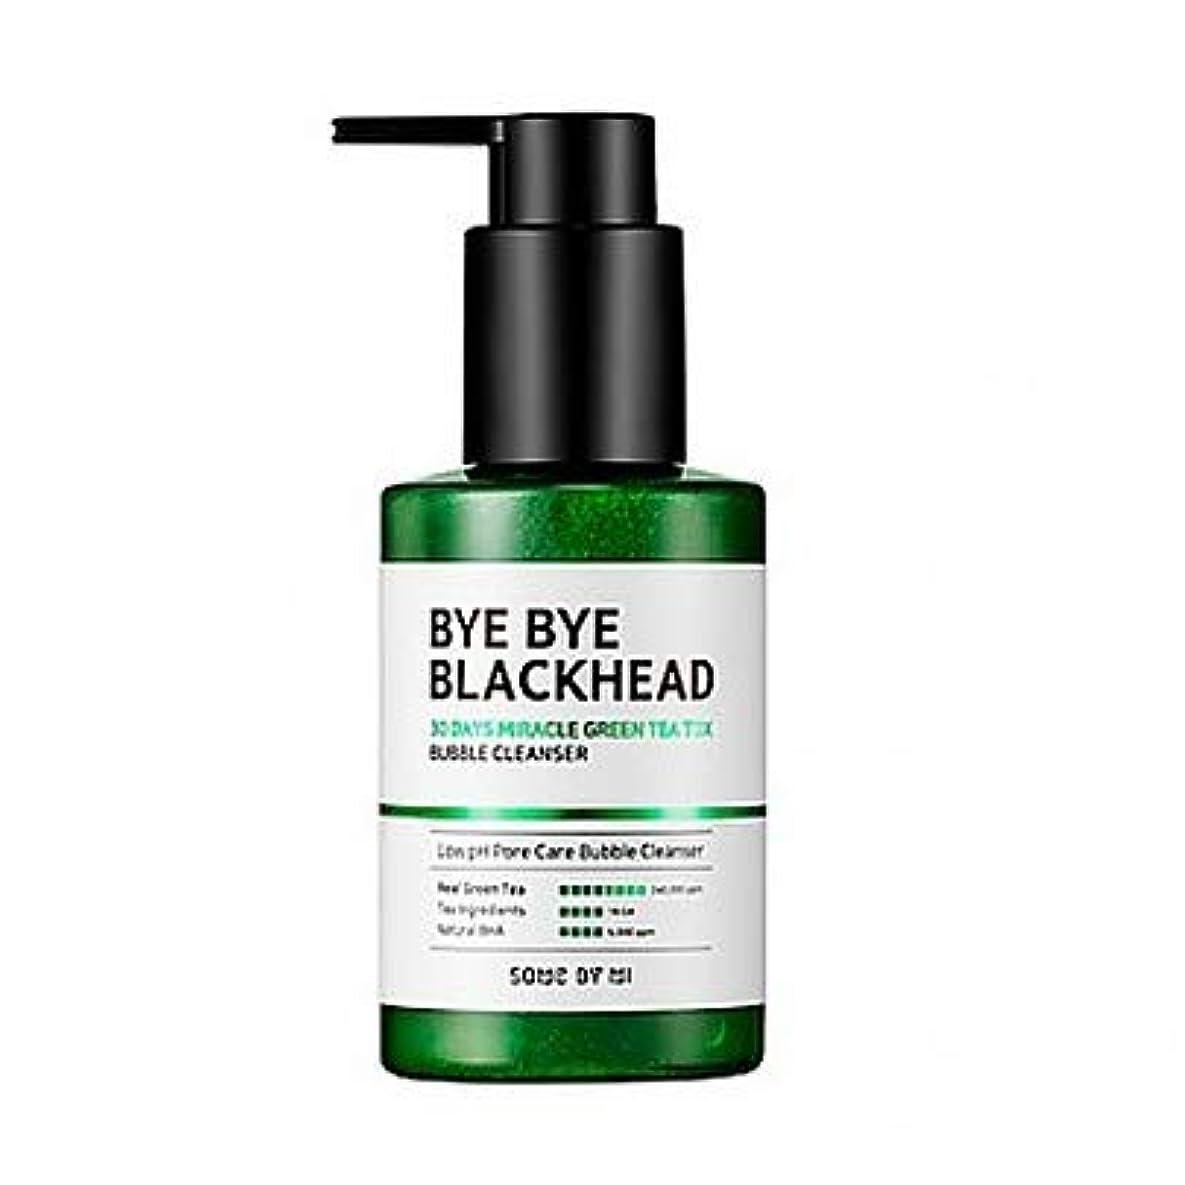 チーフサスペンド親指[SOME BY MI] BYE BYE BLACKHEAD 30DAYS MILACLE GREEN TEA TOX BUBBLE CLEANSER 120g / [サムバイミー] バイバイブラックヘッド30DAYS...